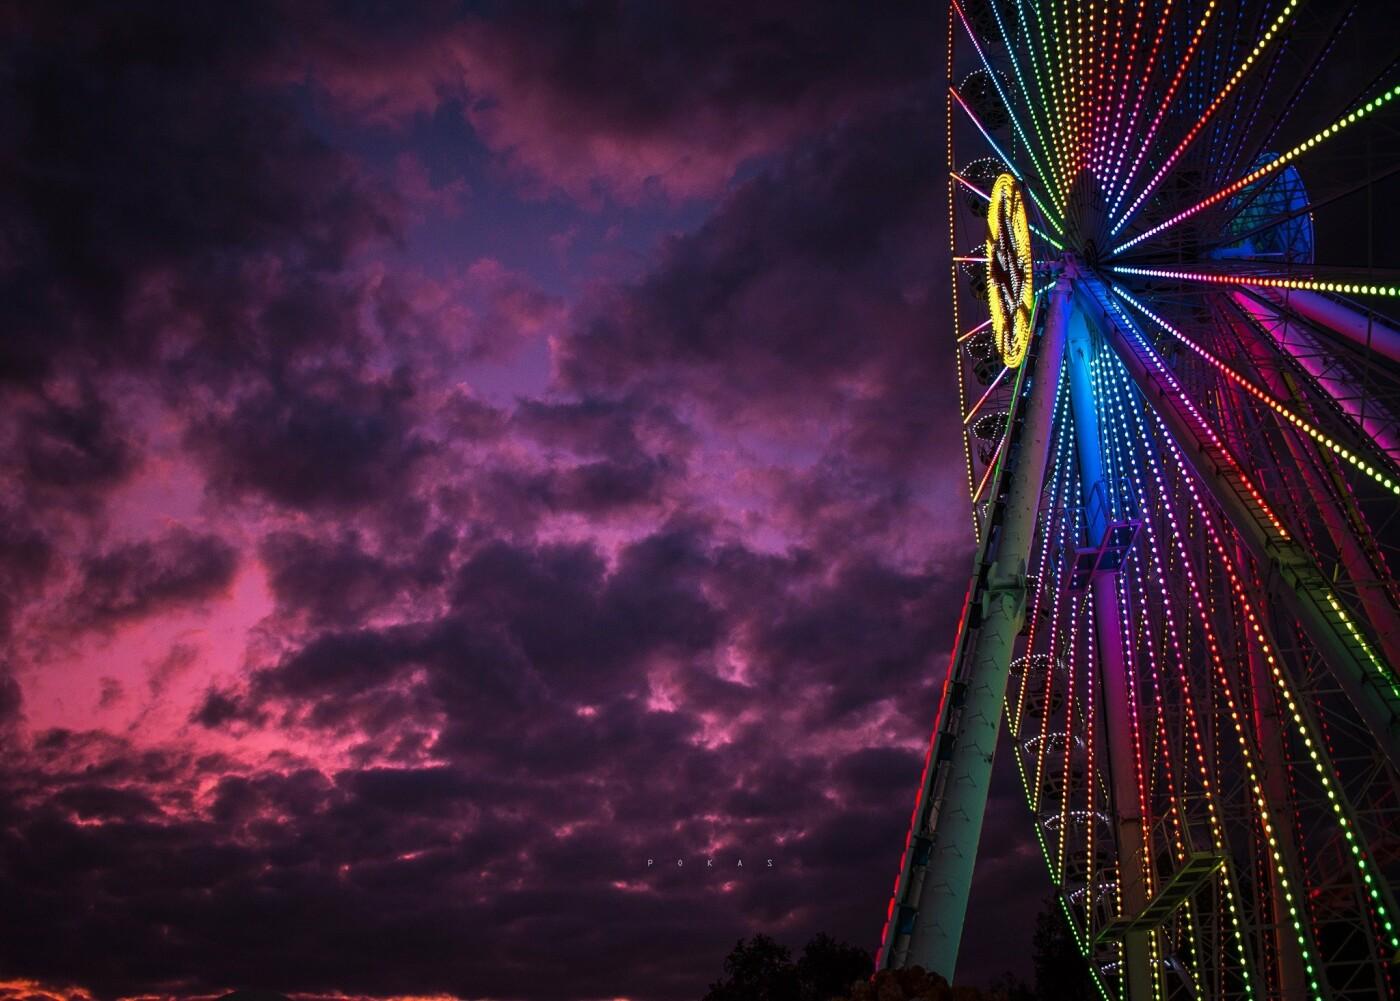 Мудрость от 06153: где красивые закаты, там лучший отдых - ВИДЕО, ФОТО, фото-4, Юлия Покас